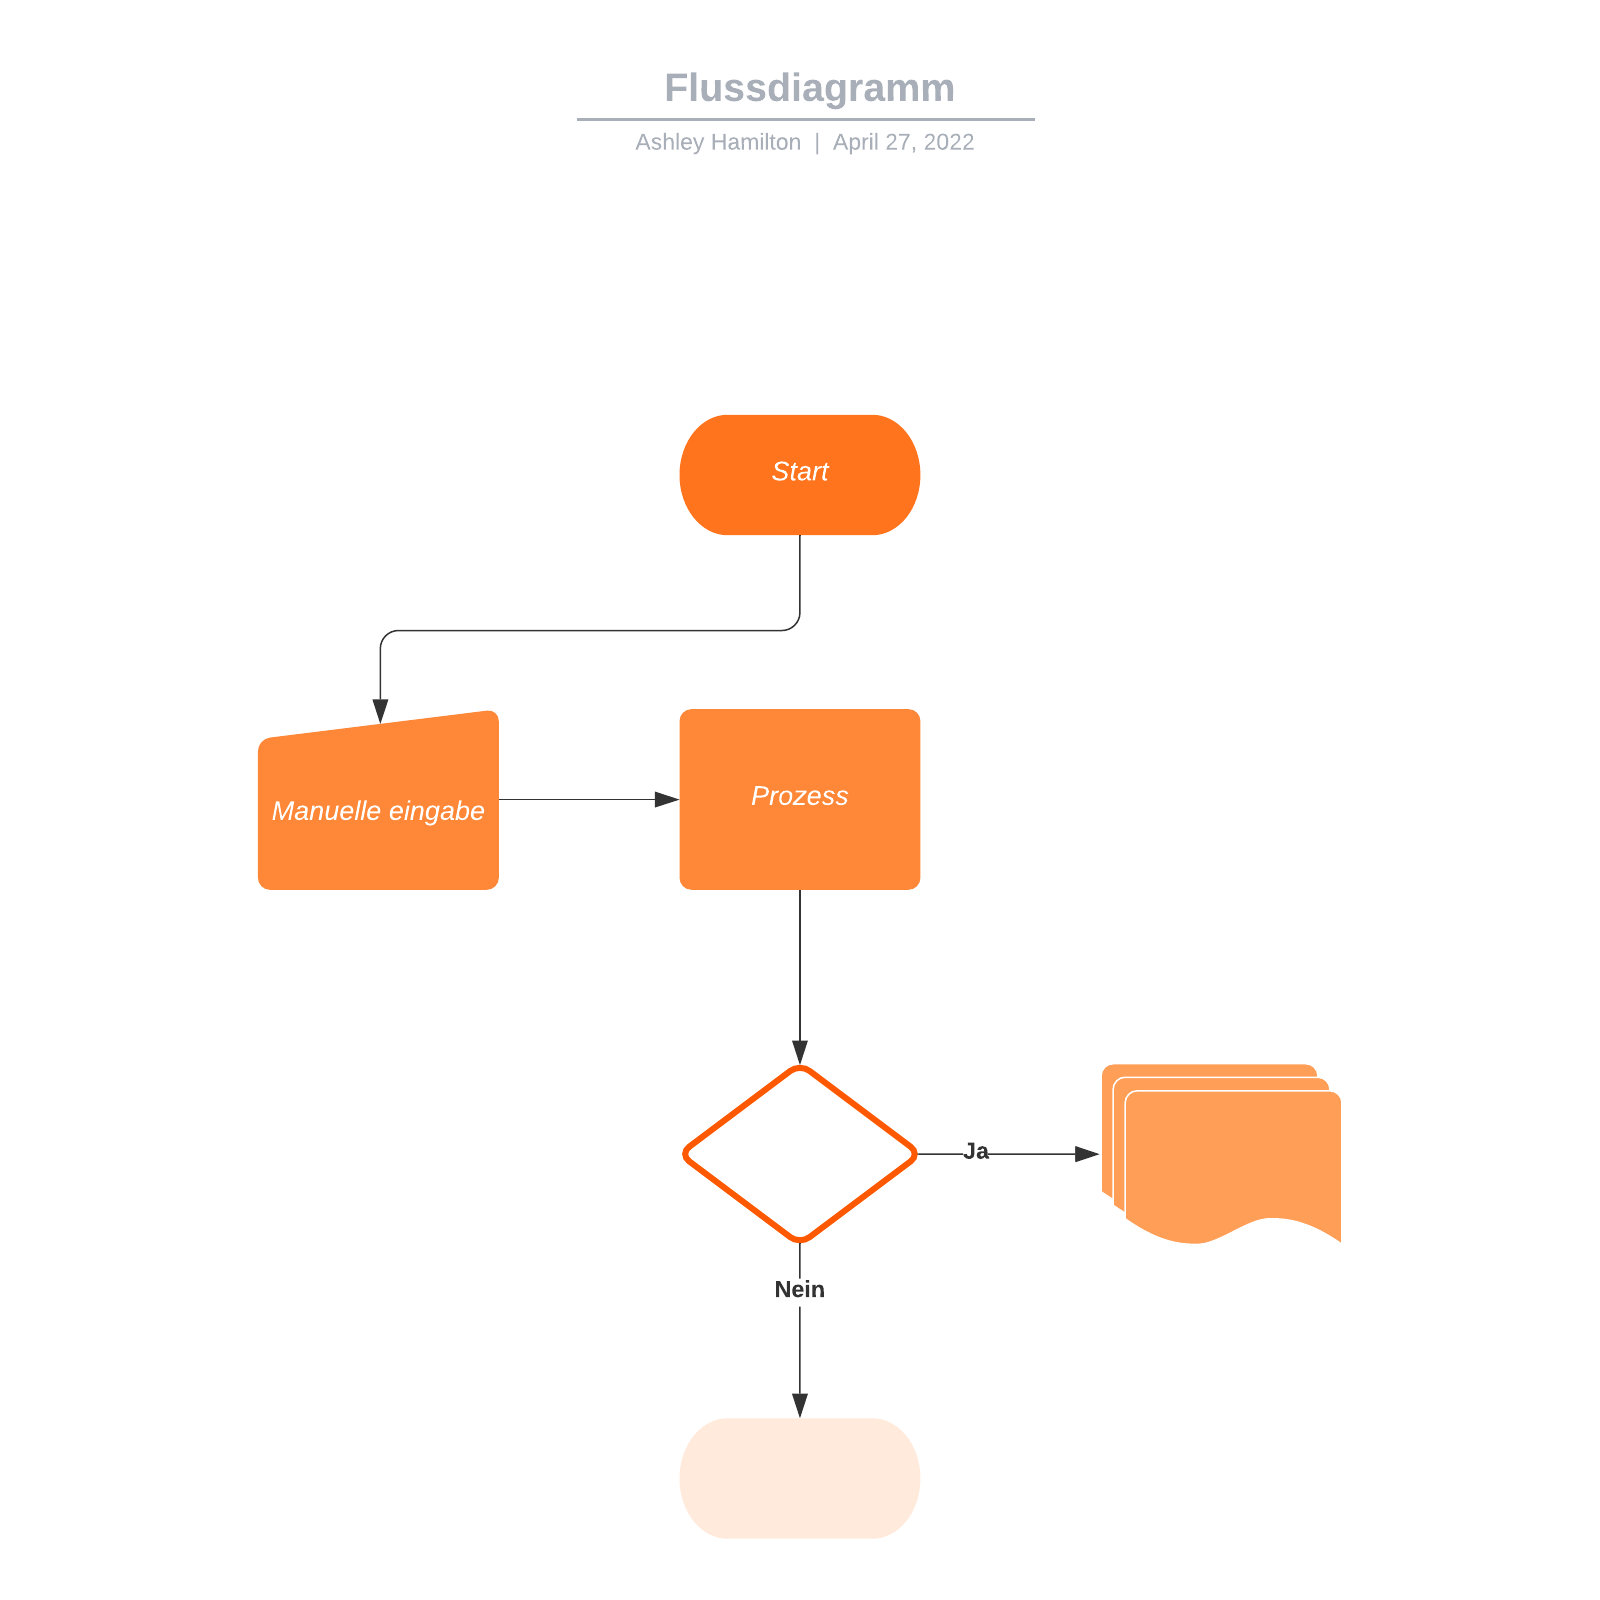 Flussdiagramm Vorlage